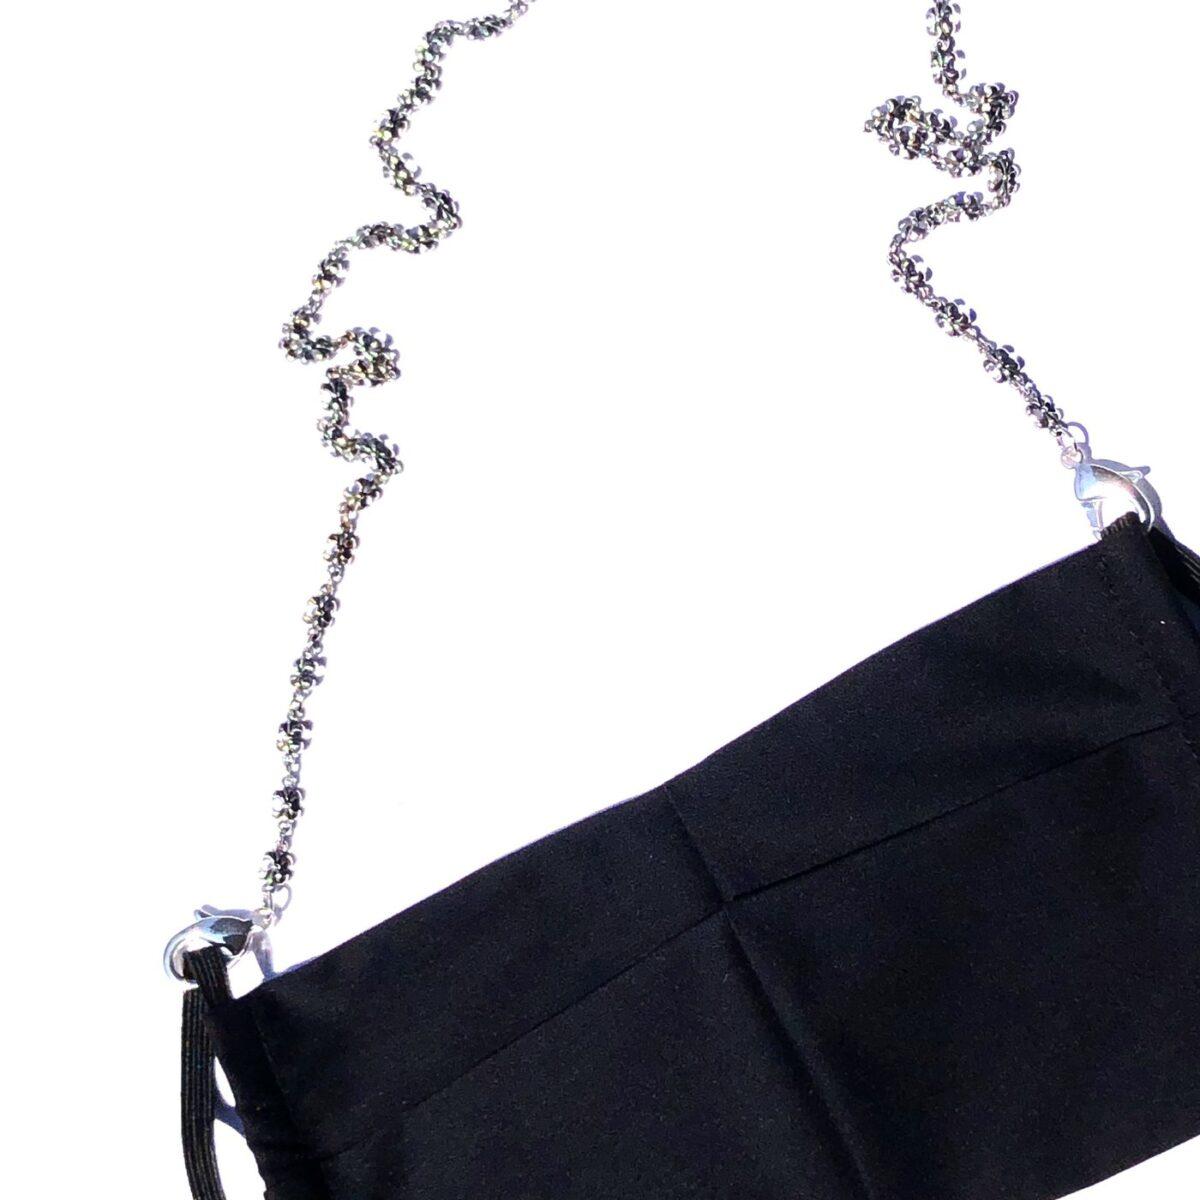 Fleur de Lys Necklace Chain for Facemasks